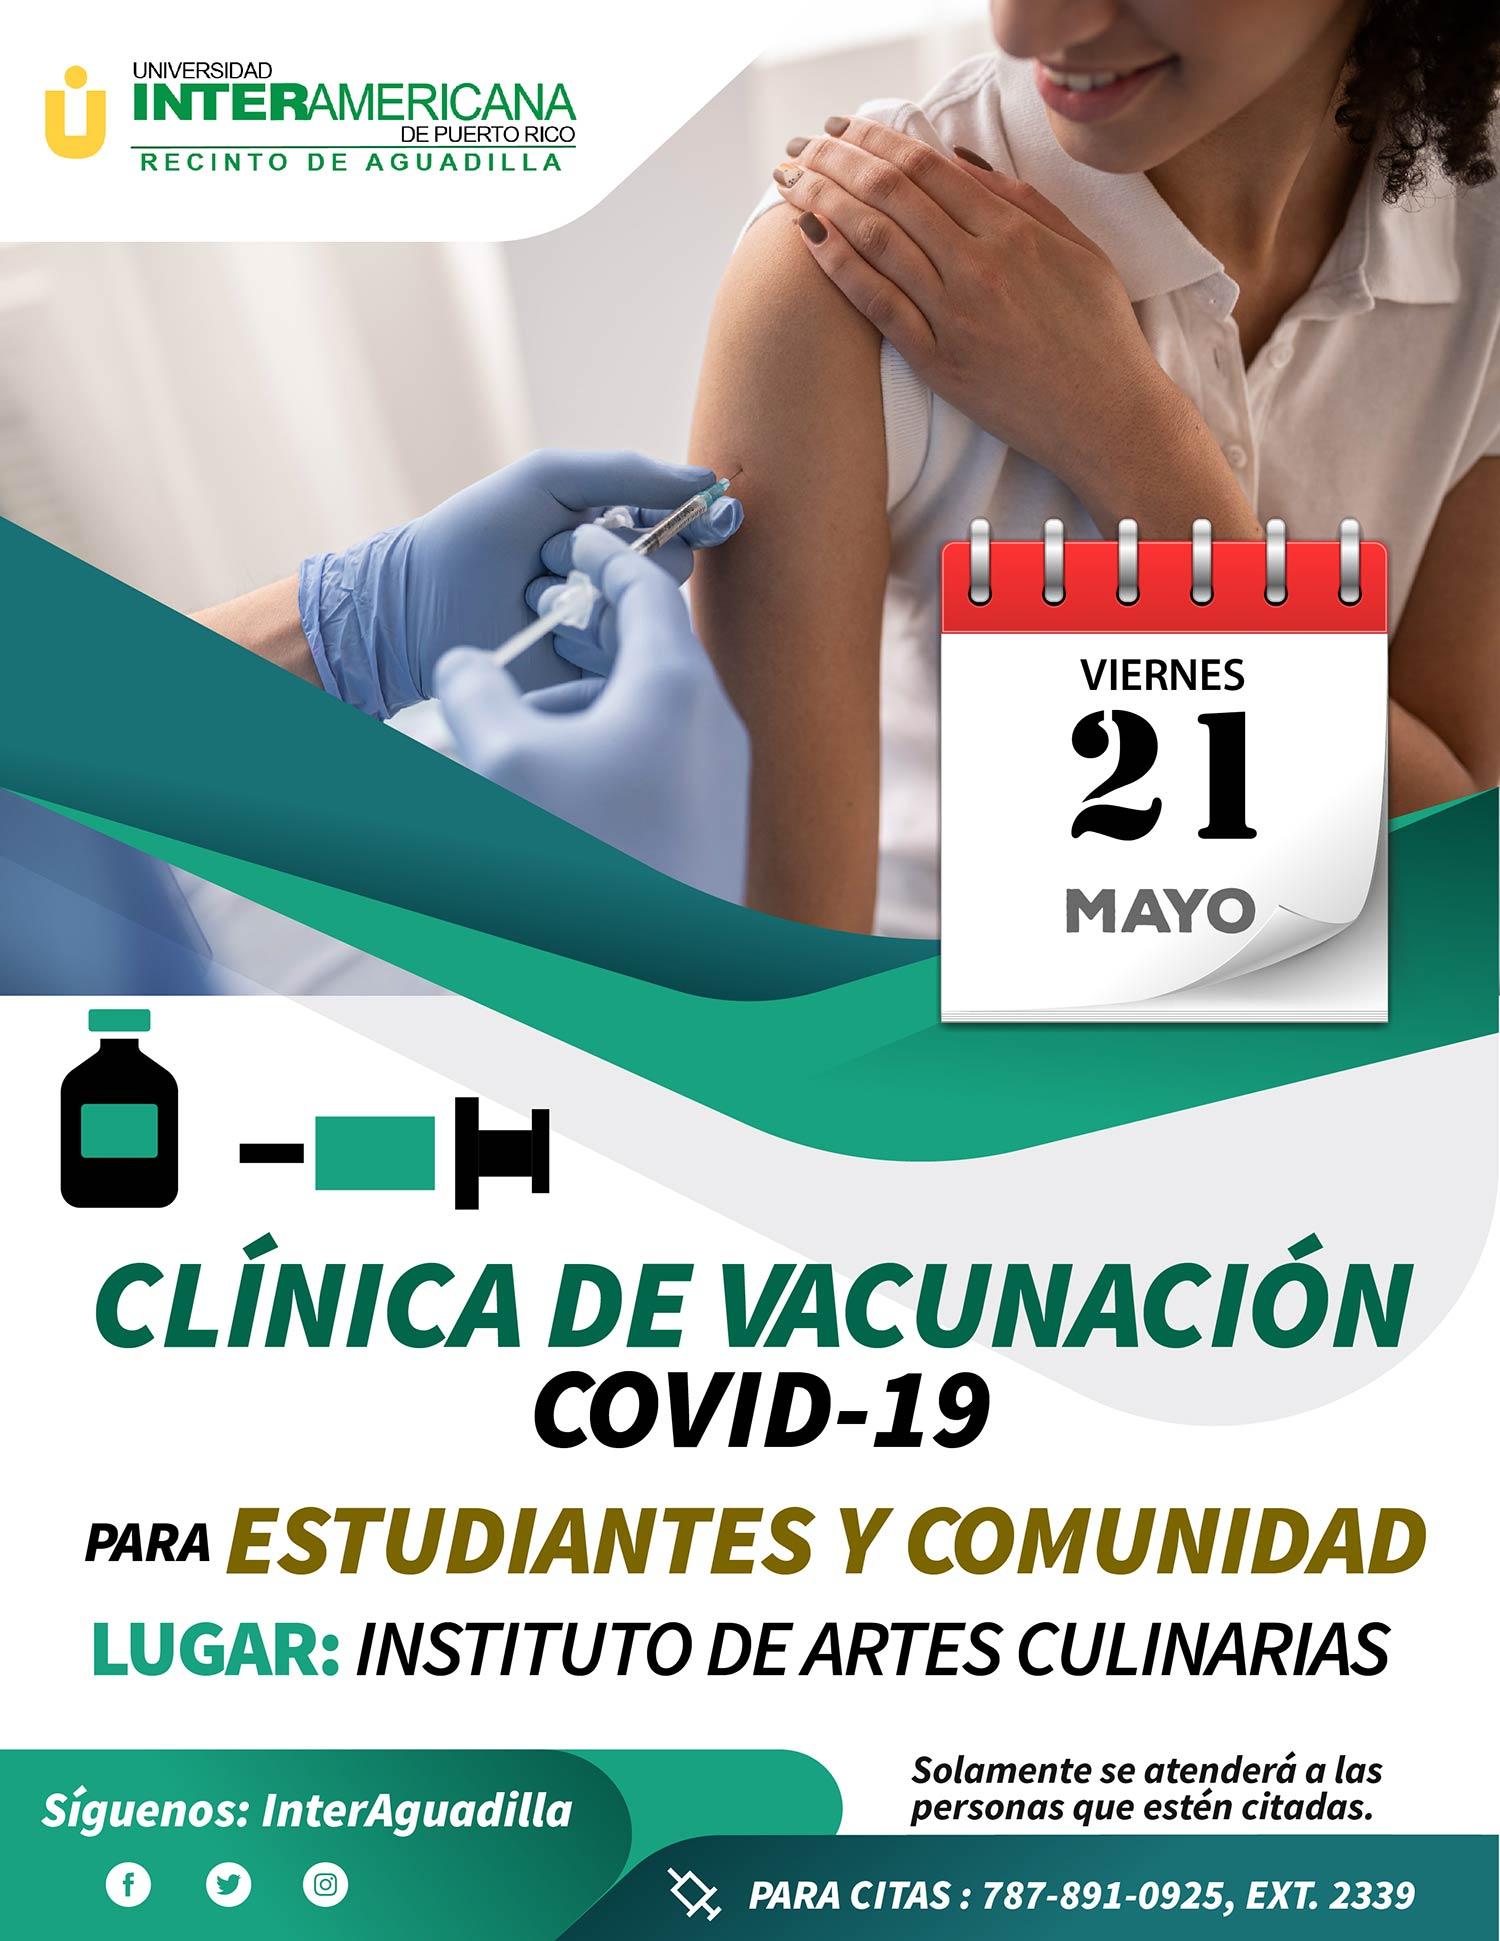 Clínica de Vacunación